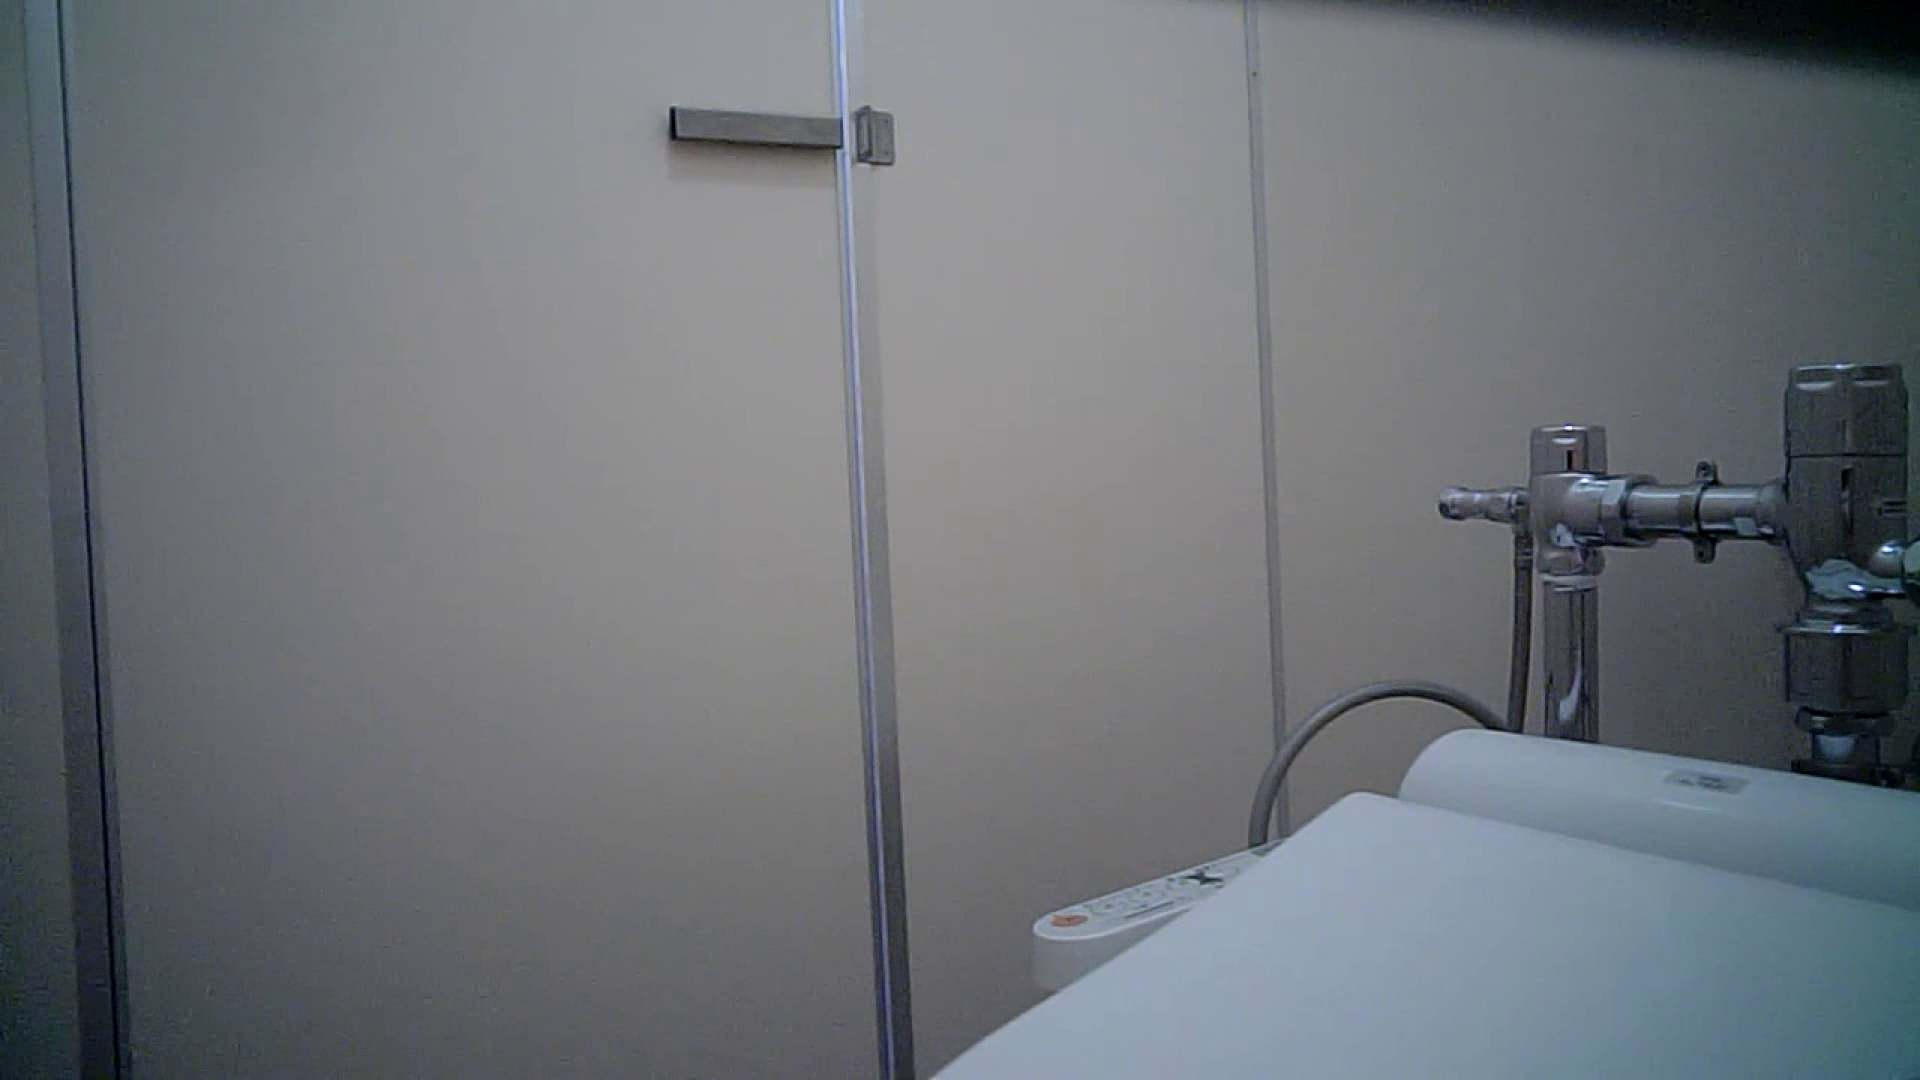 某有名大学女性洗面所 vol.25 洗面所 | OLの実態  18pic 9